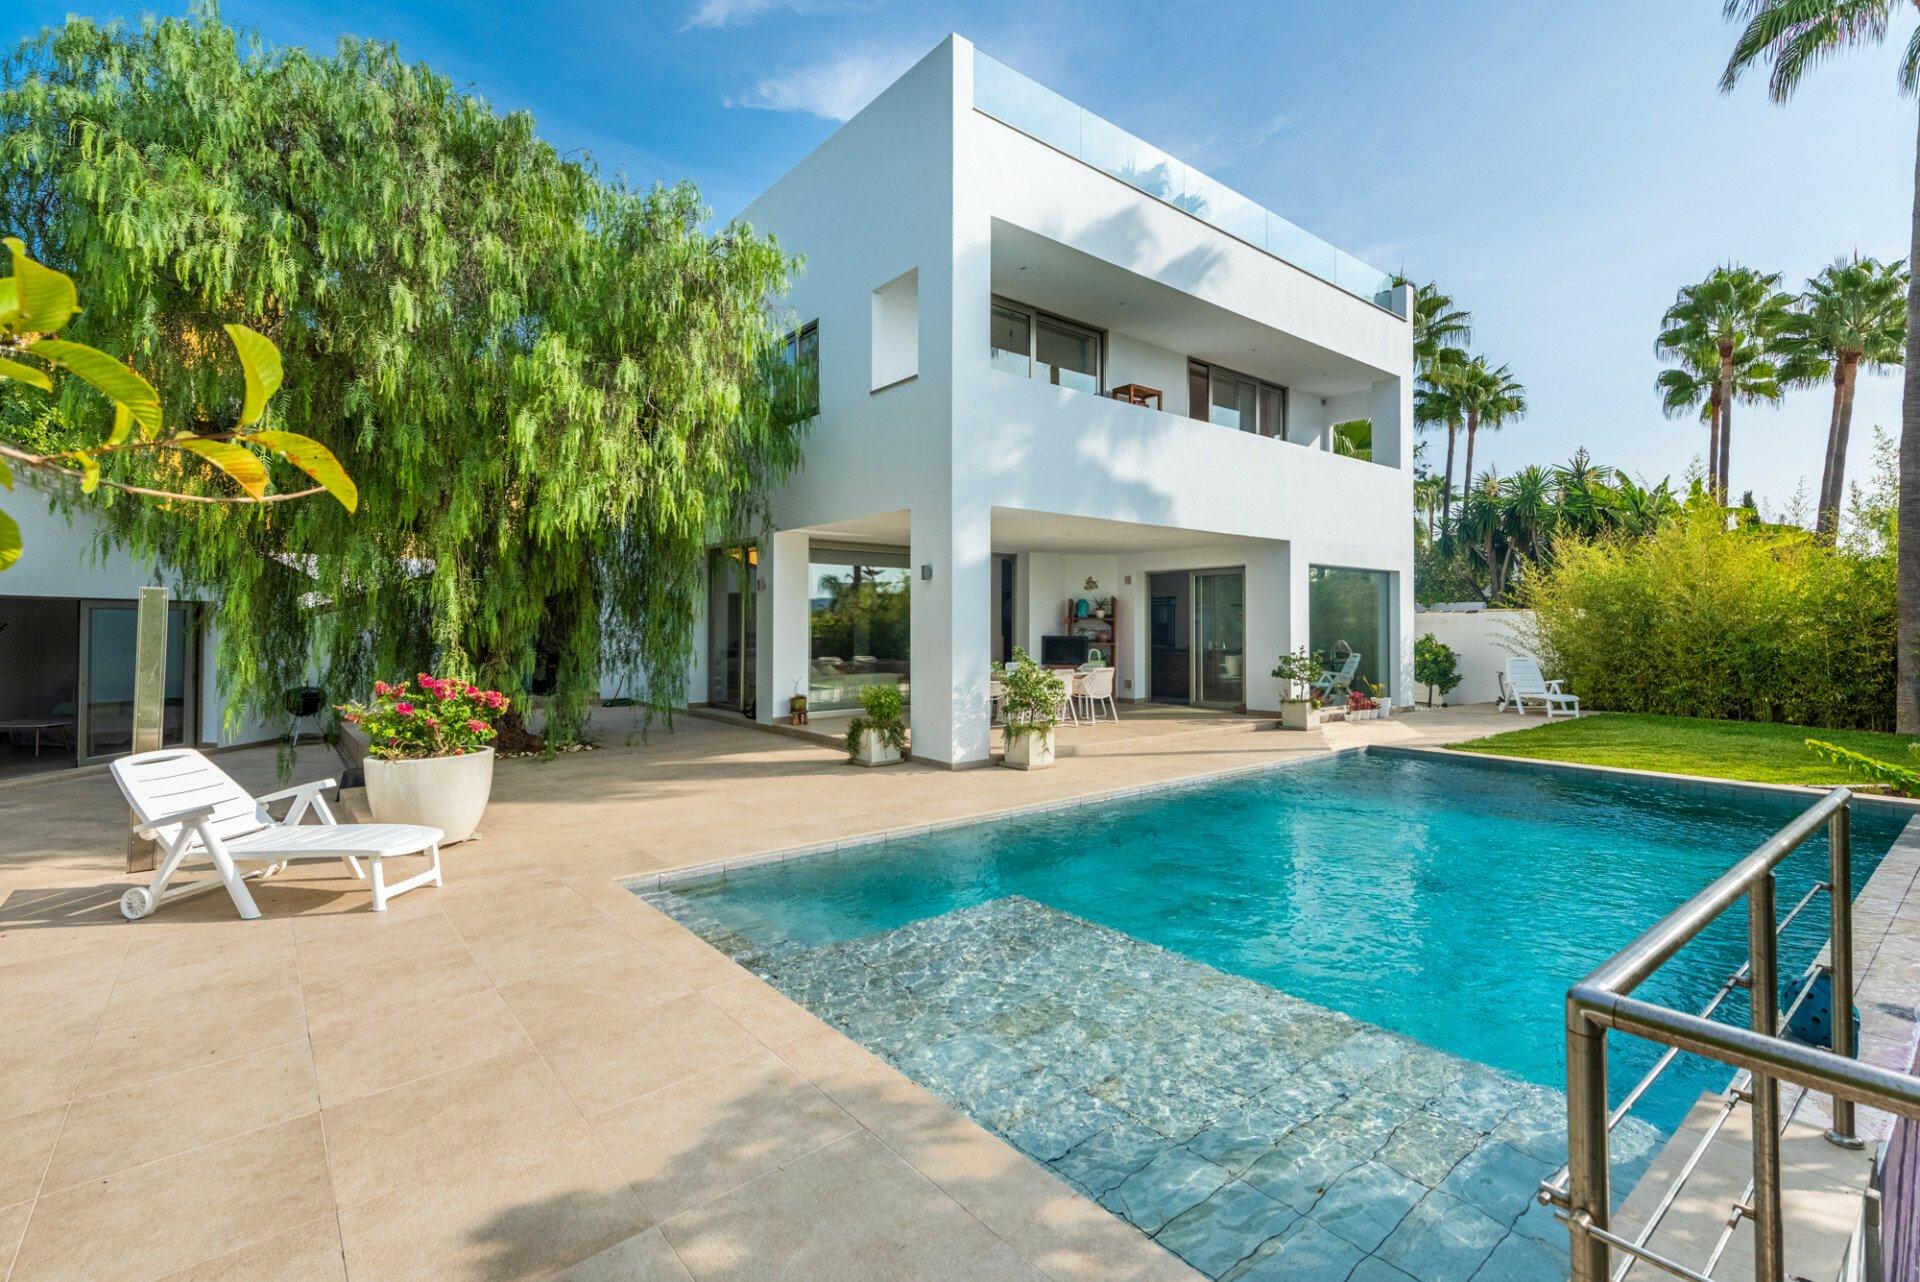 Villa in Marbella, Andalusia, Spain 1 - 11137962